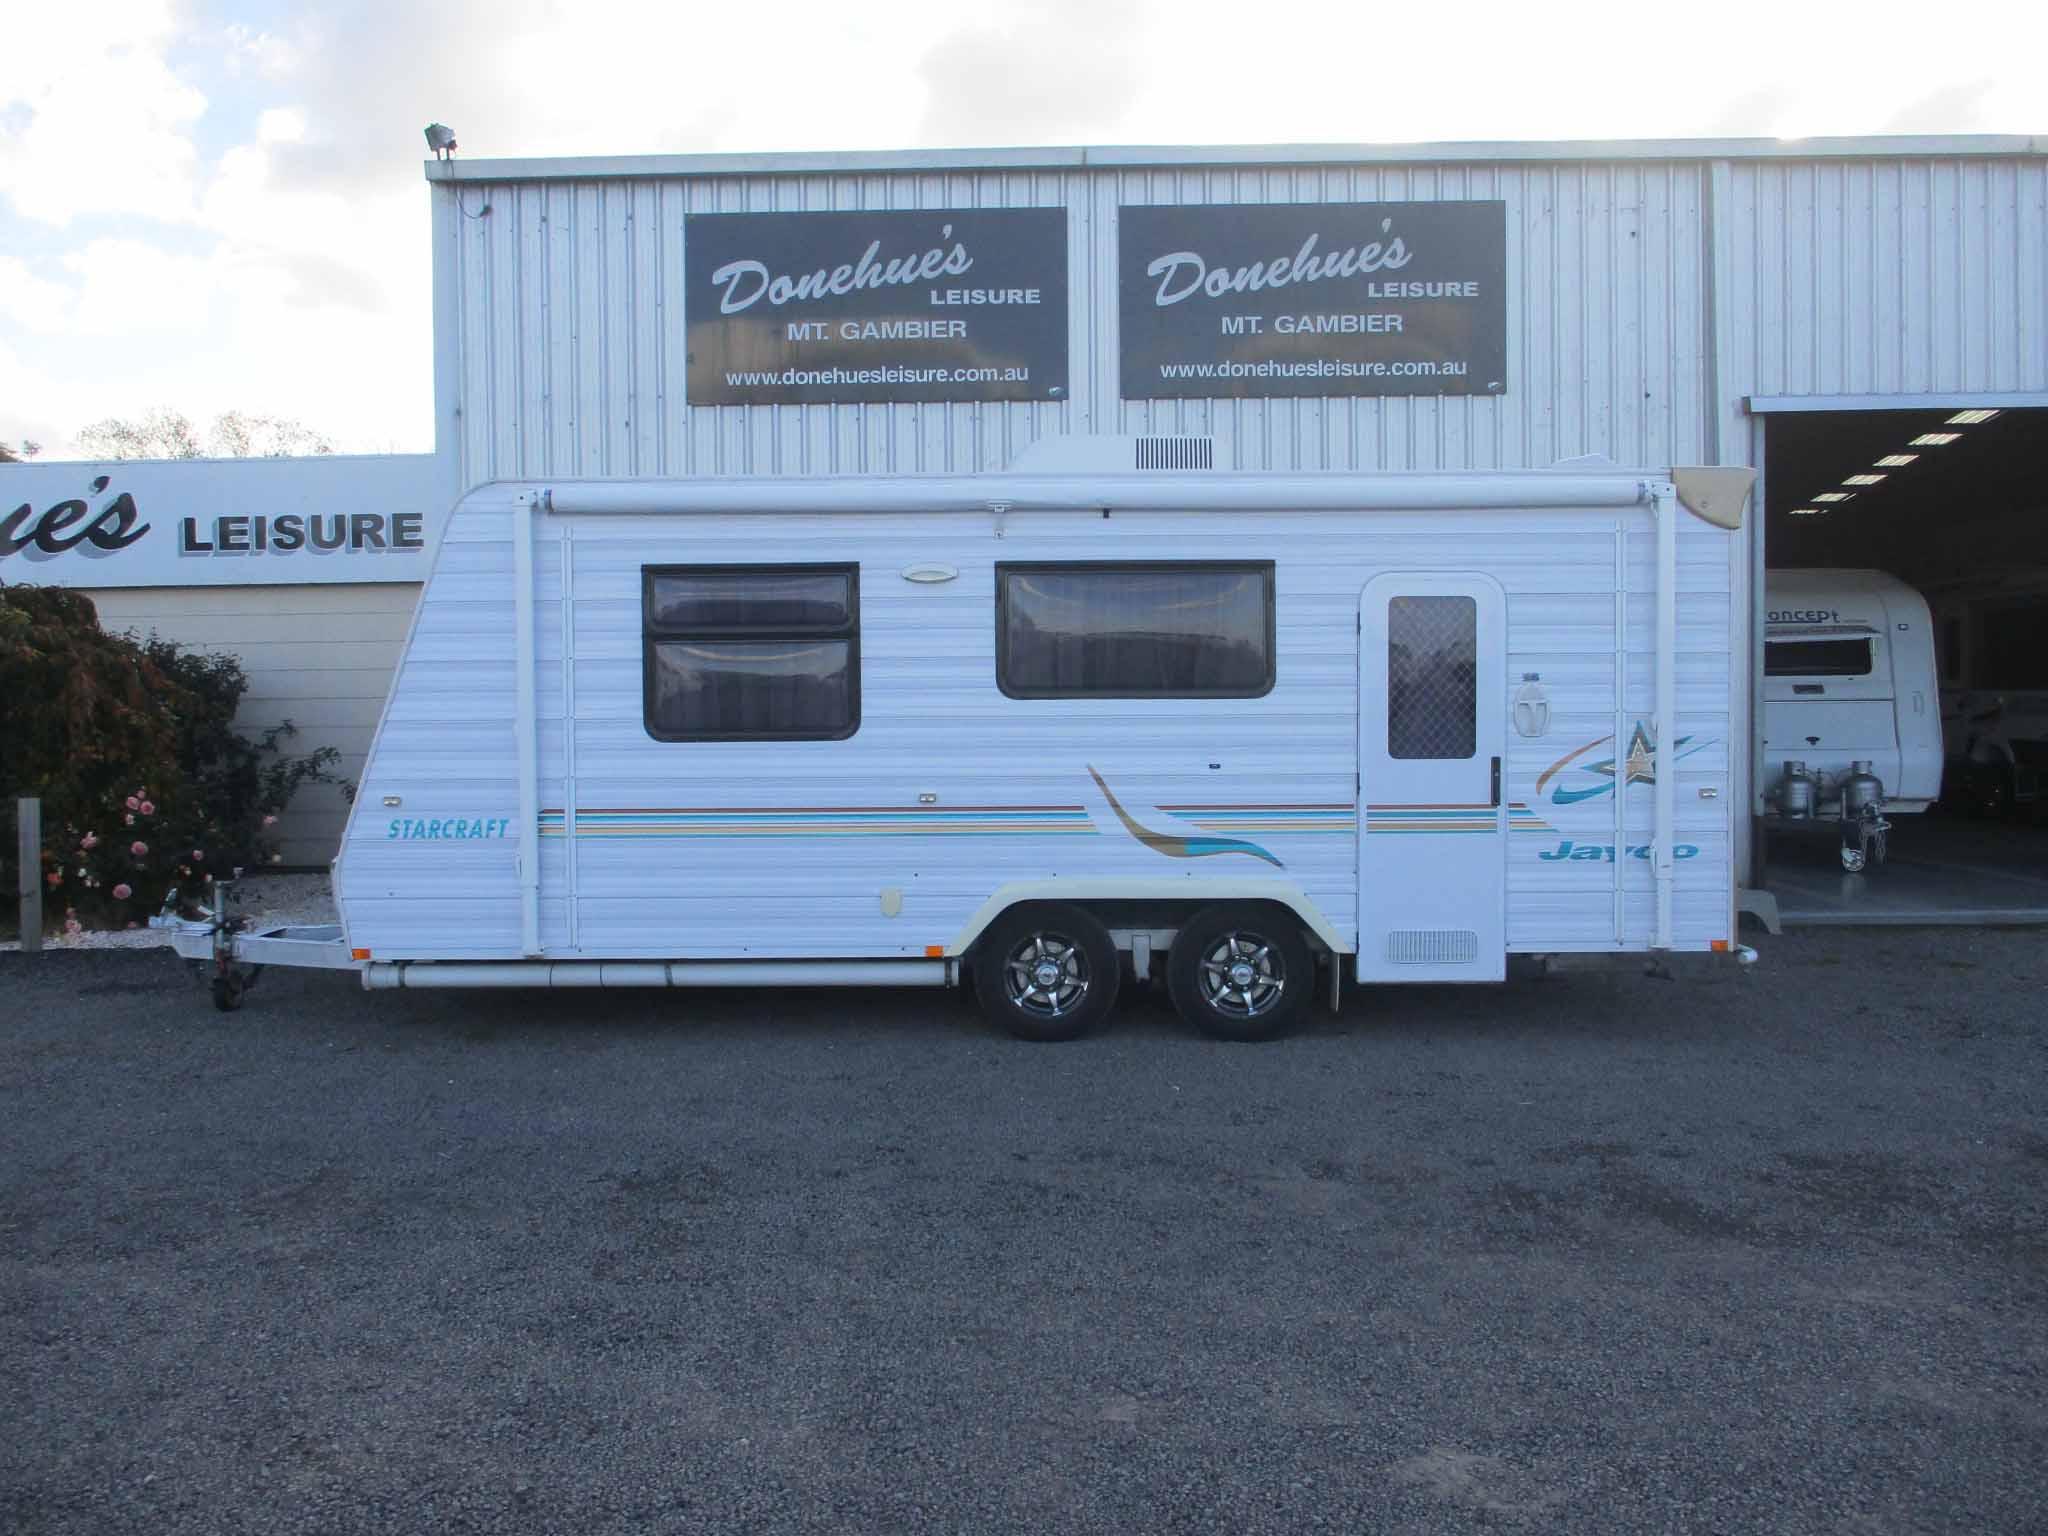 Donehues Leisure Used Jayco Starcraft Caravan Mt Gambier 21868m 3